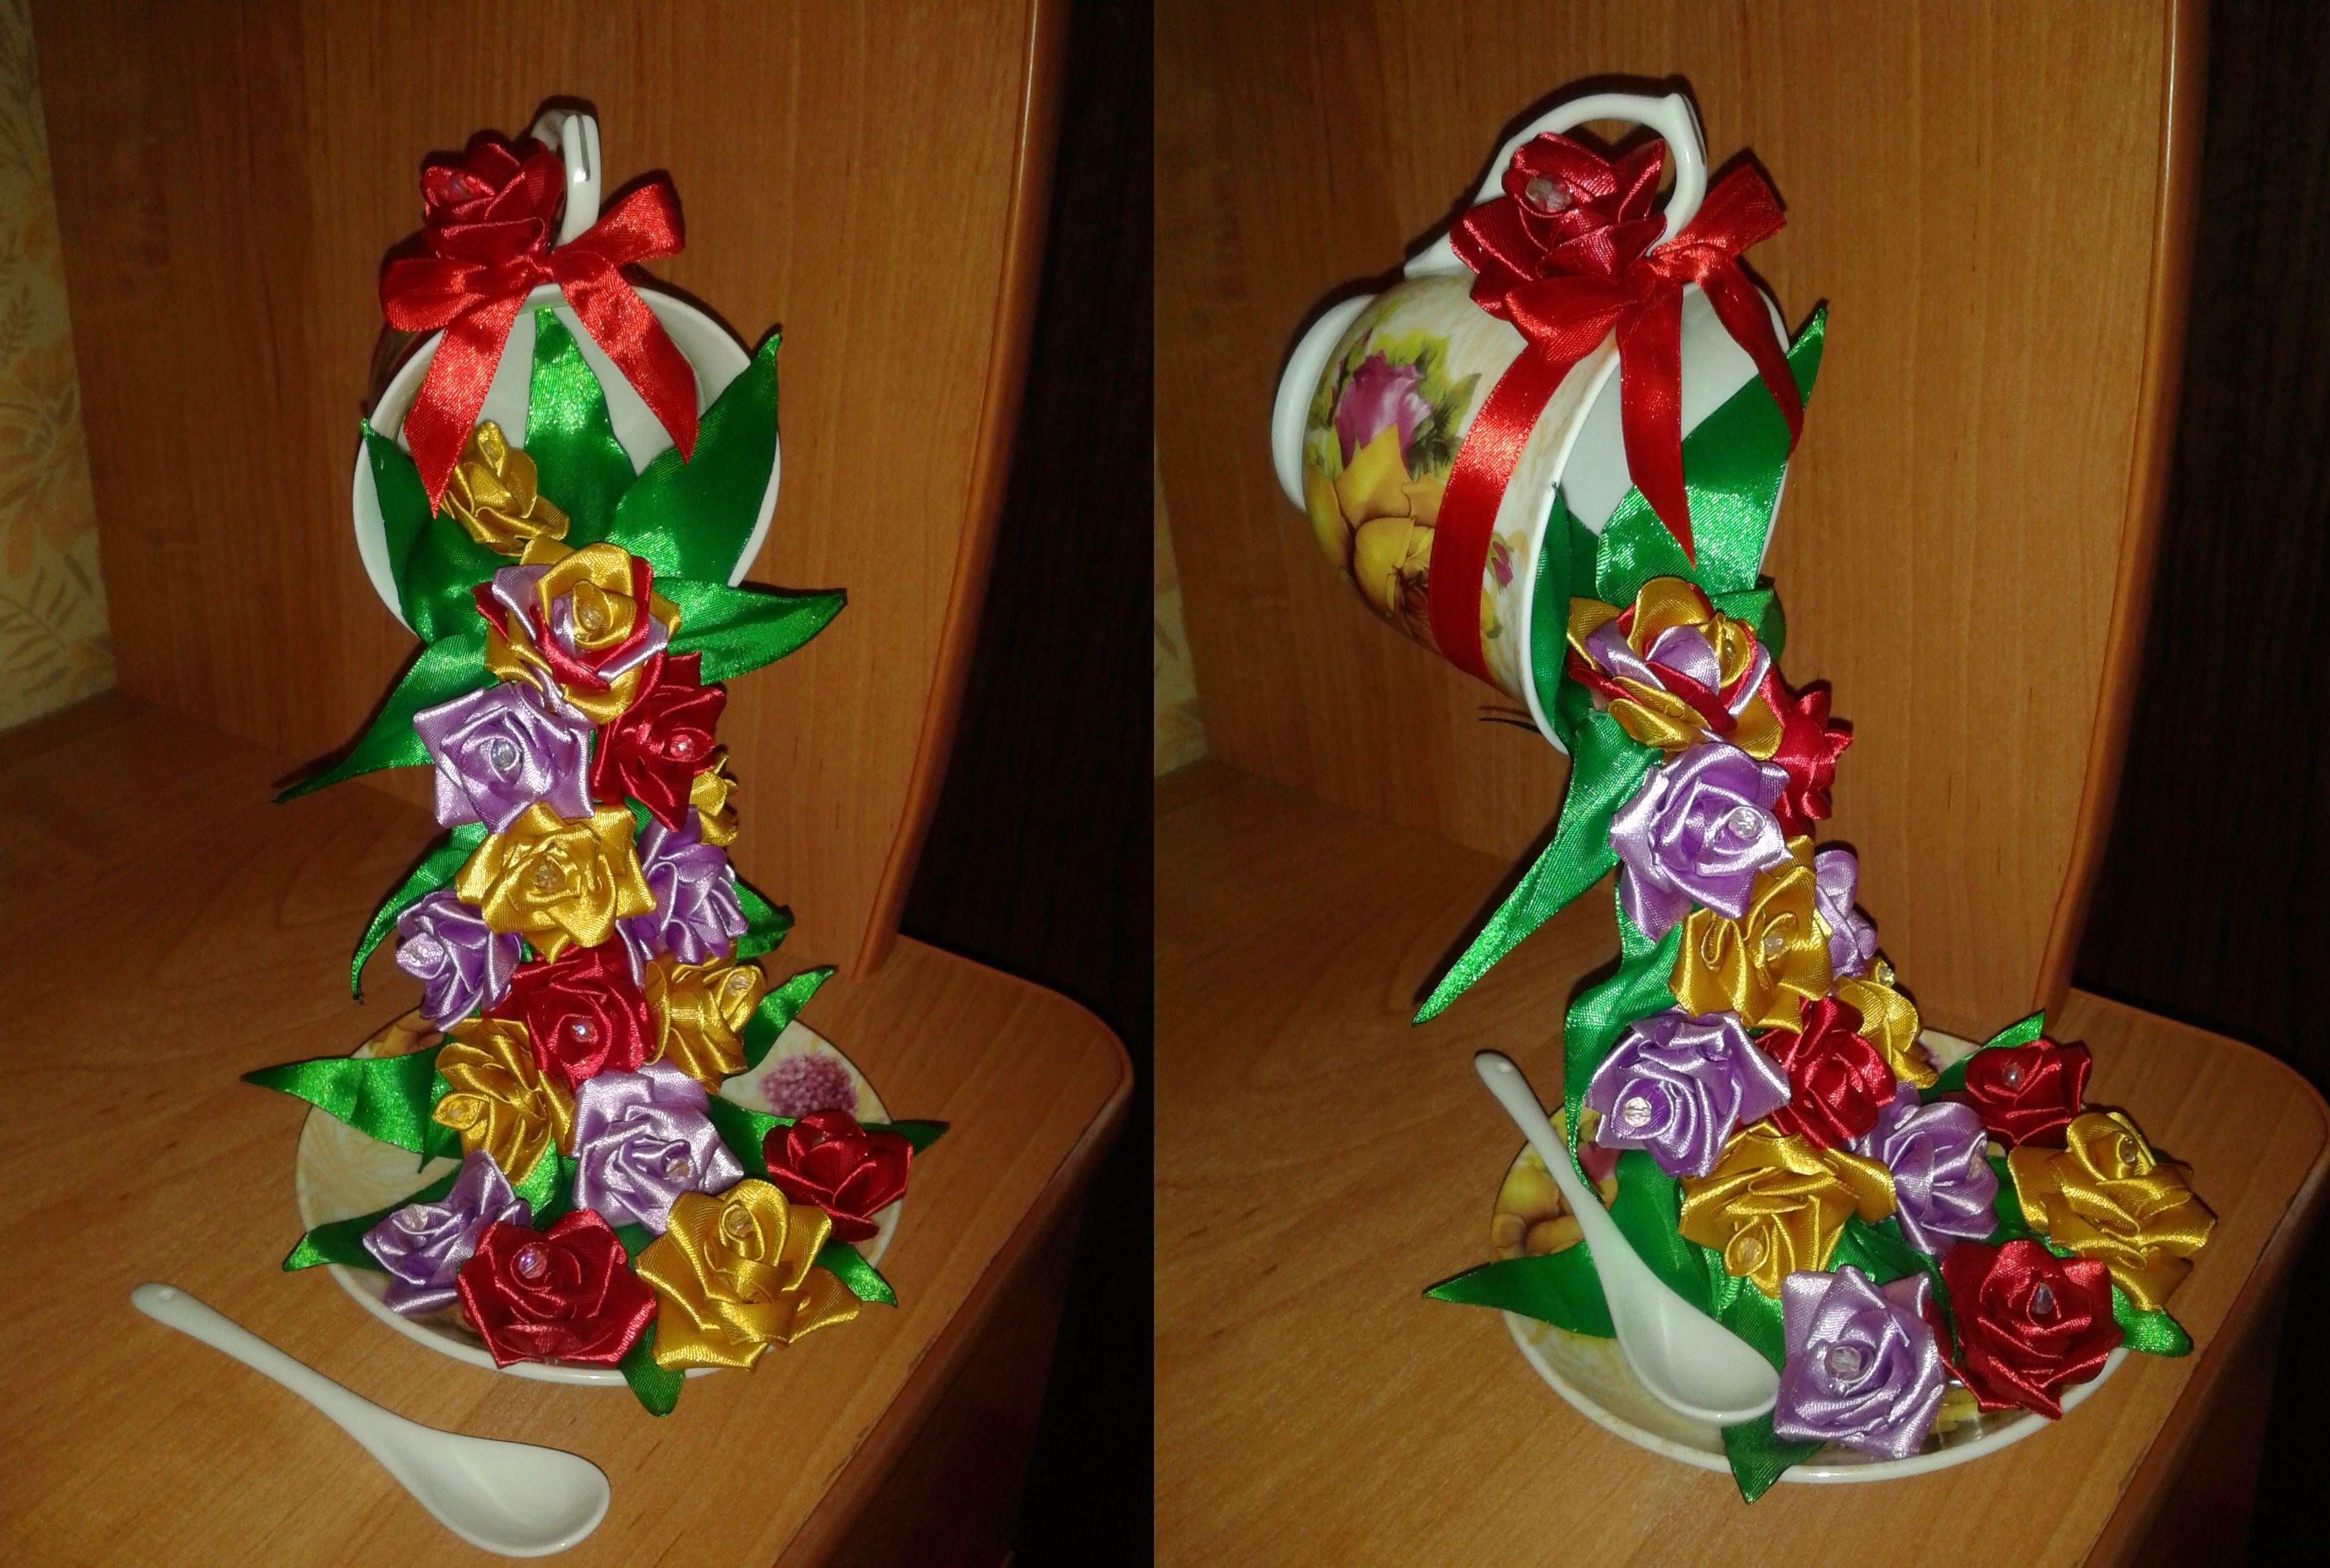 композиция подарок красивая атлас необычная чашка розы цветы презент чудесная летающая